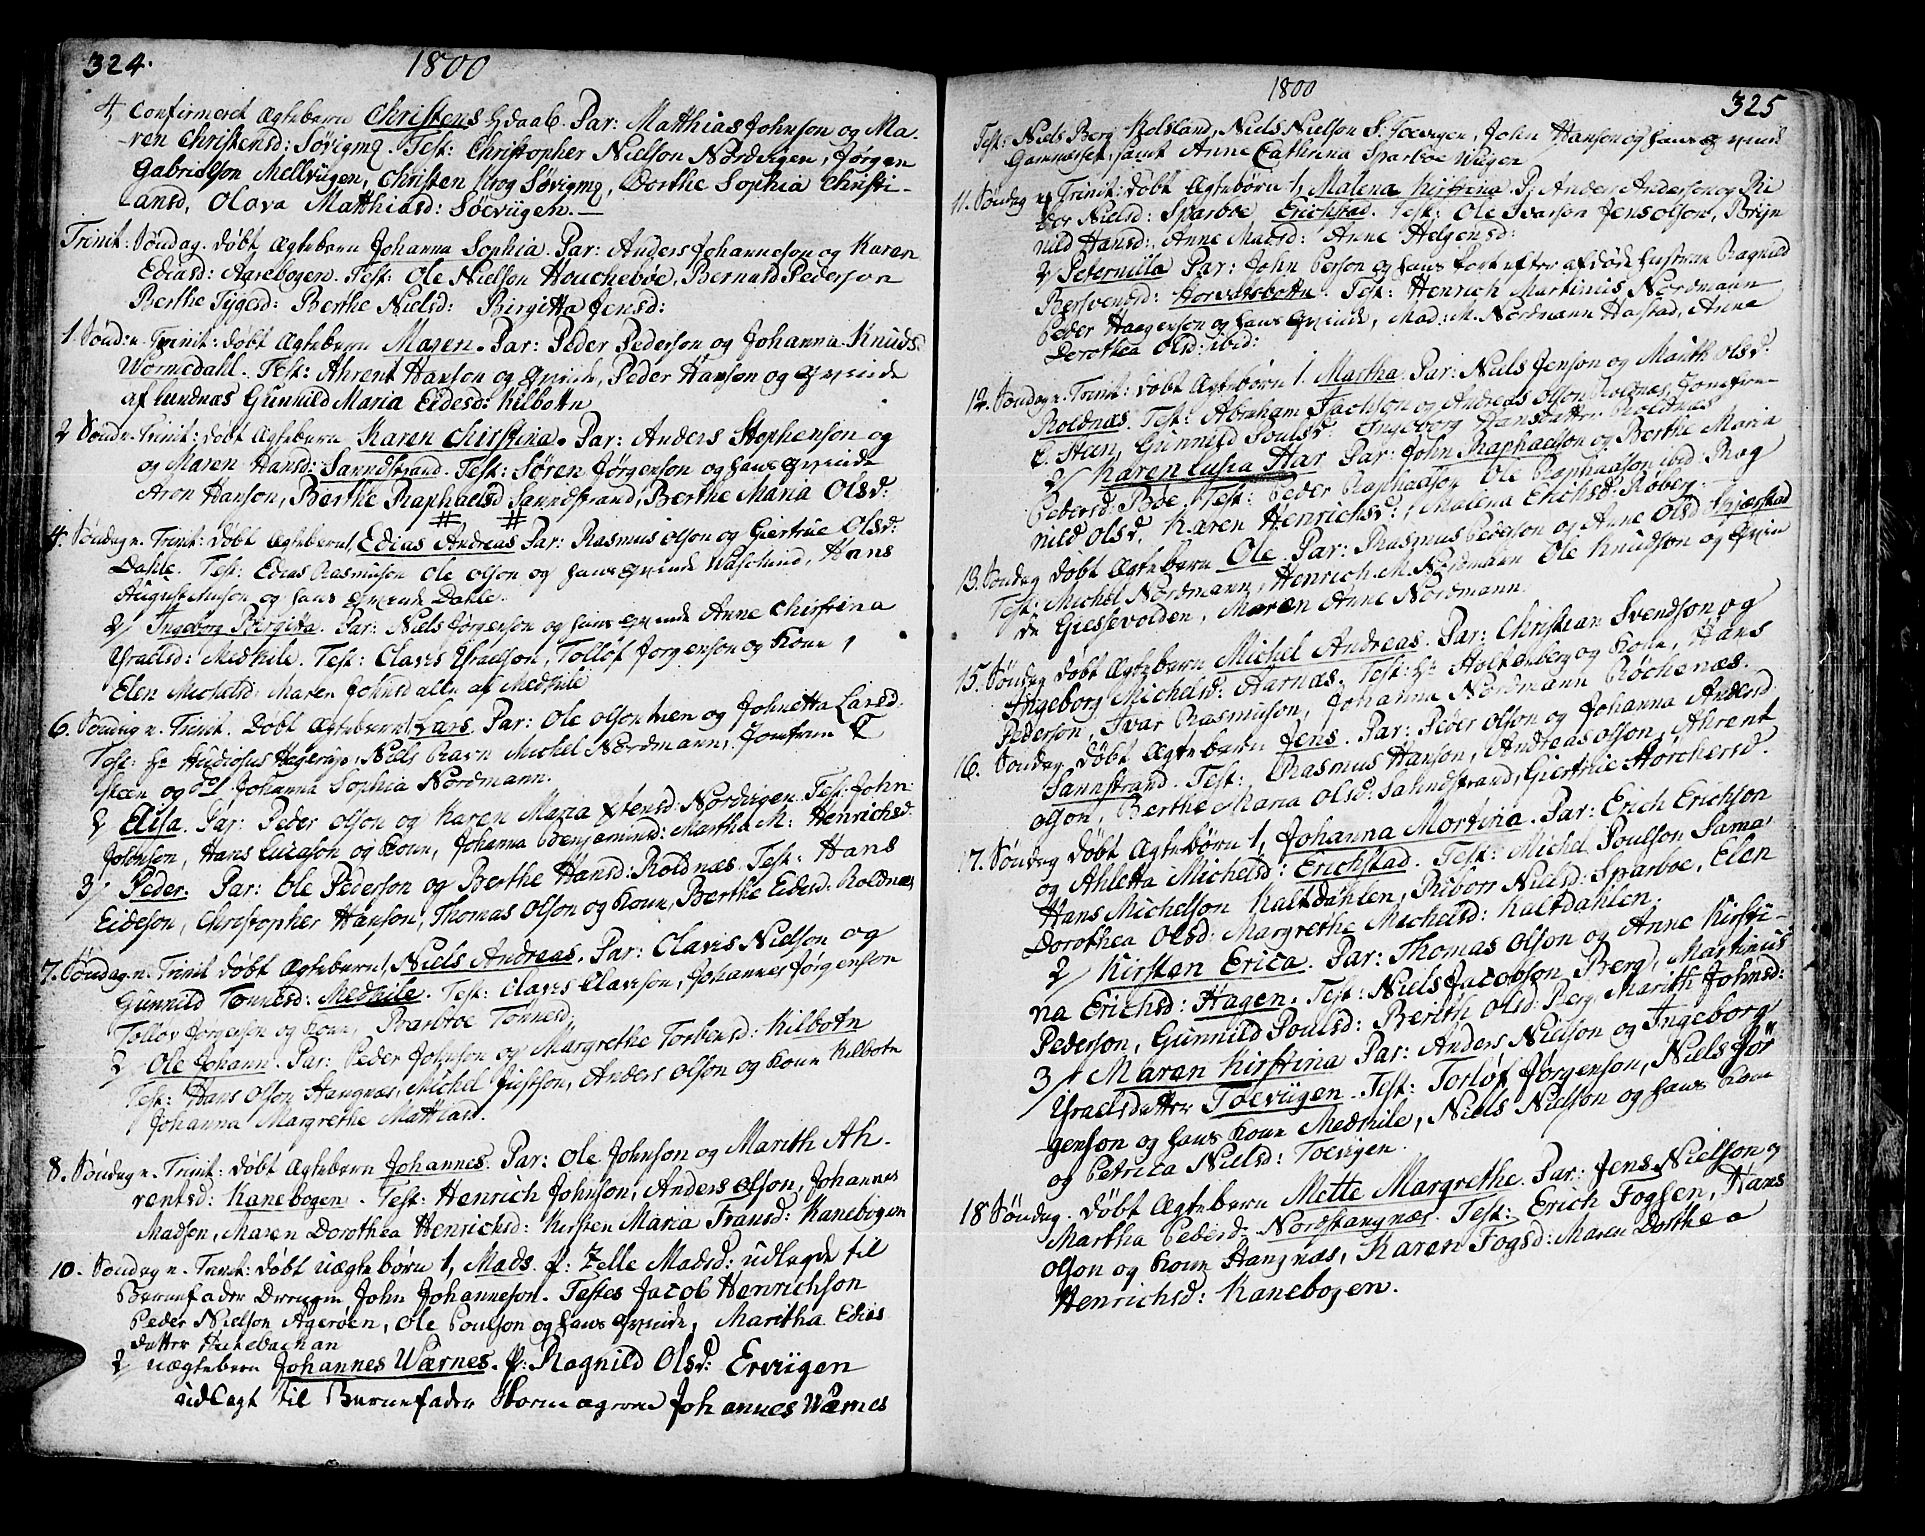 SATØ, Trondenes sokneprestkontor, H/Ha/L0003kirke: Ministerialbok nr. 3, 1783-1803, s. 324-325